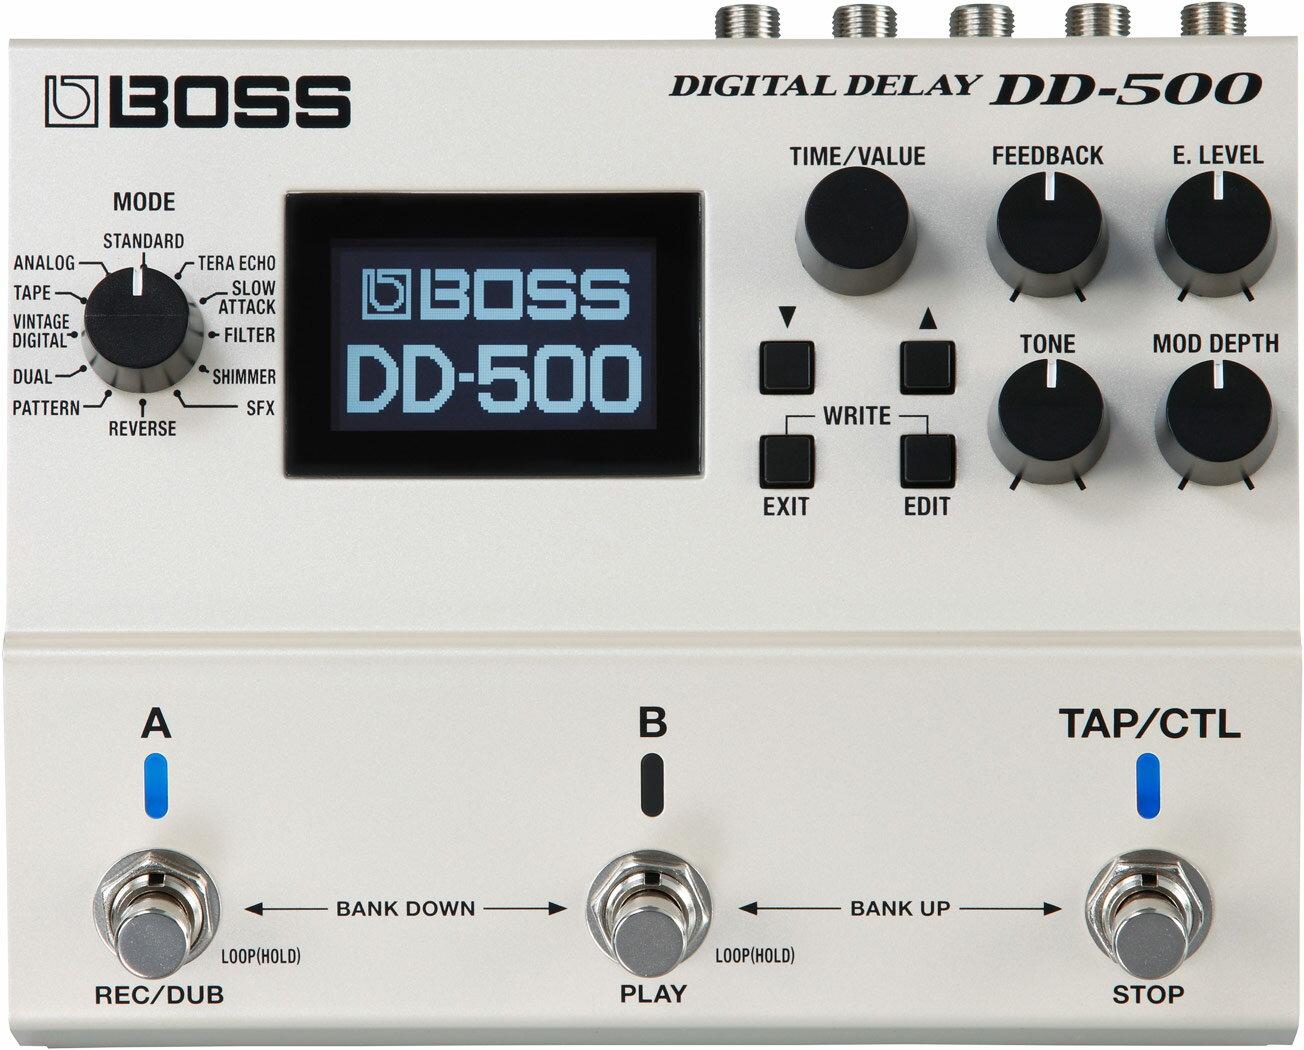 ギター用アクセサリー・パーツ, エフェクター BOSS DD-500 Digital Delay5